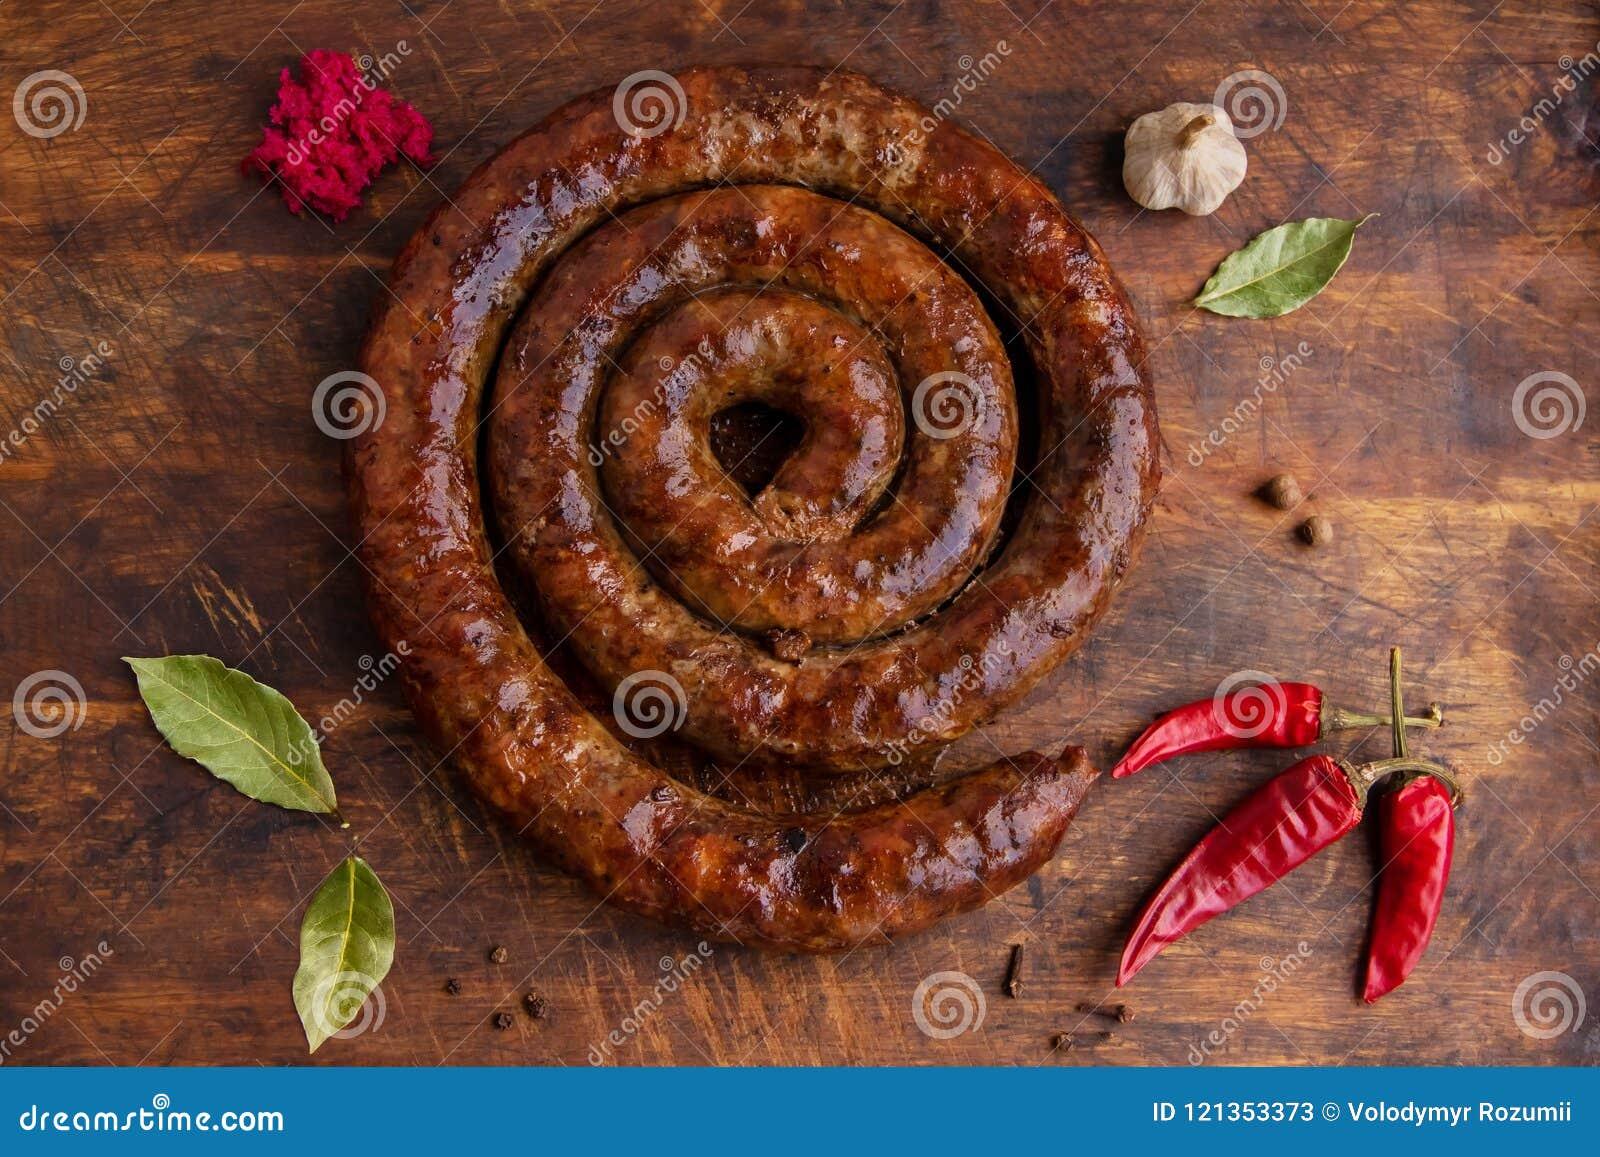 De spiraalvormige die worstring in een oude oven wordt gebakken is op een houten raad met peper en knoflook